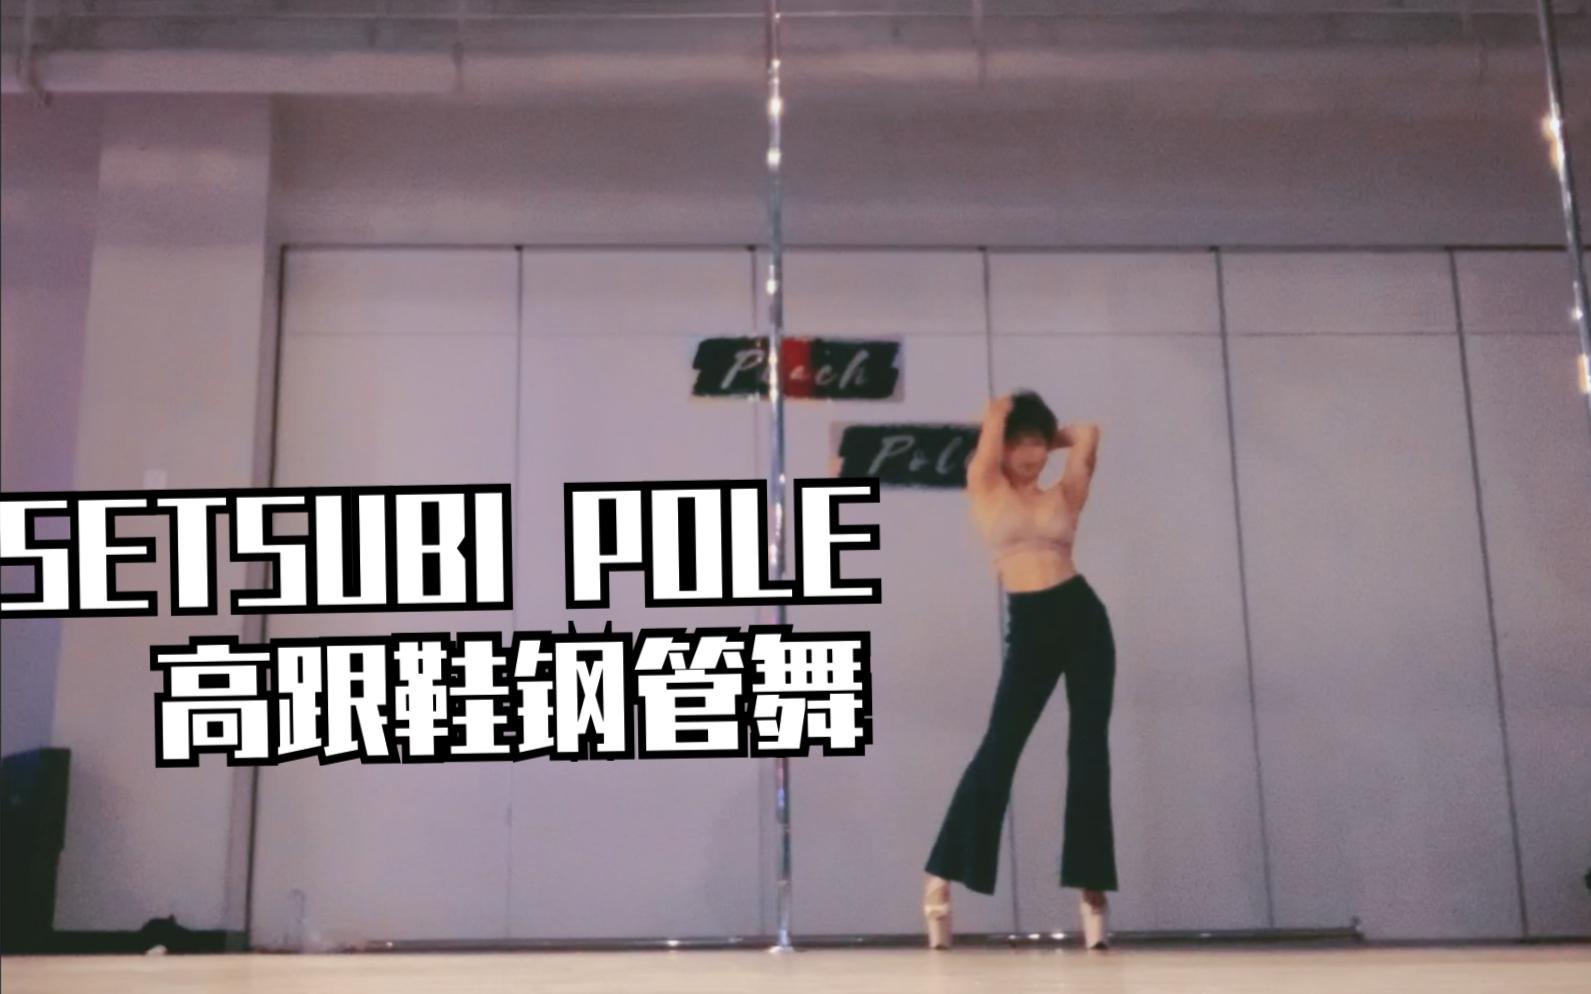 钢管舞练习片段 高跟鞋编舞 SETSUBI POLE